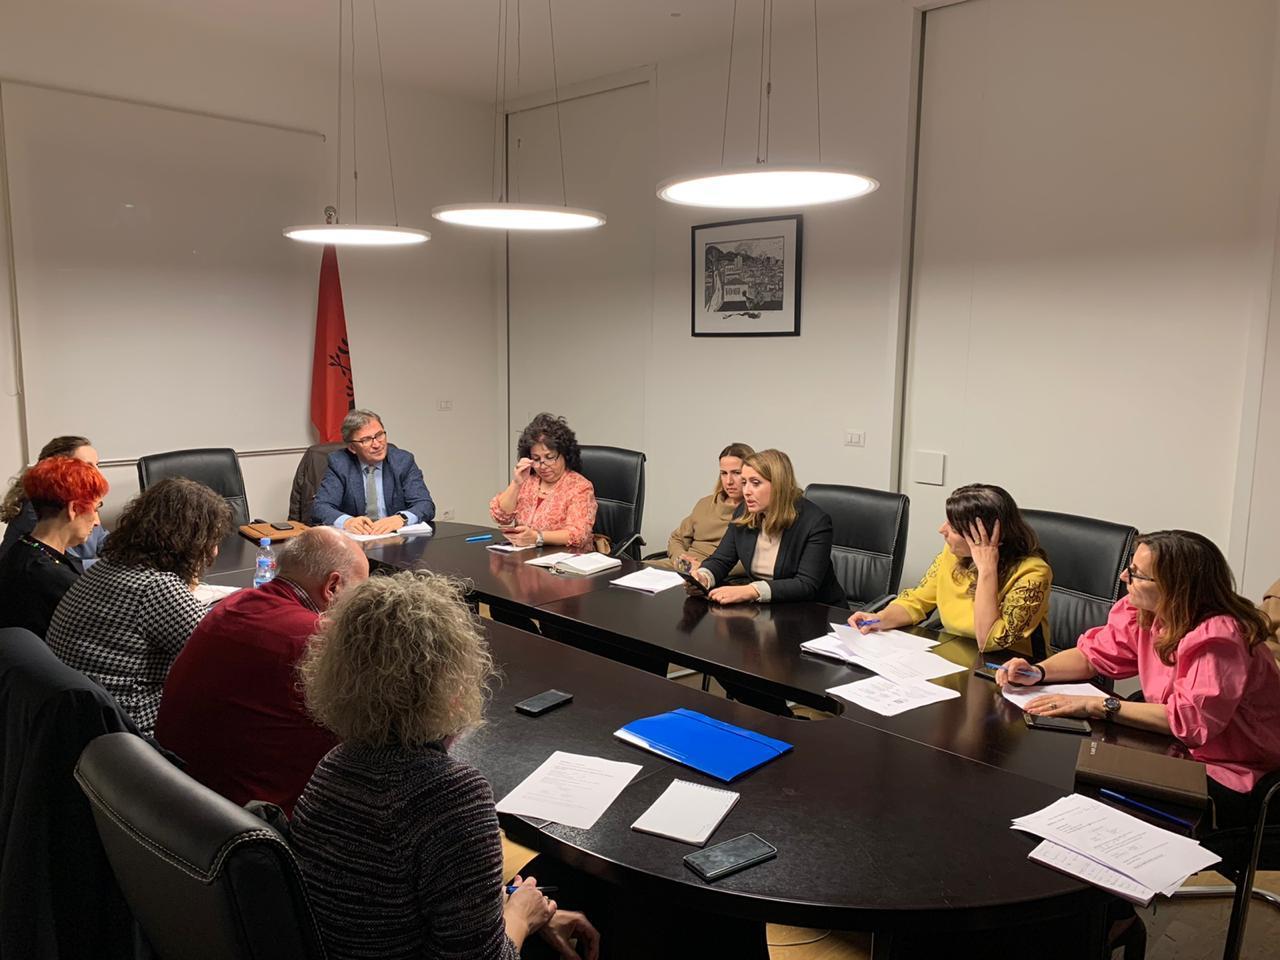 Albanija: Nacionalni medicinski centar za hitne slučajeve podelio instrukcije za sllaj koronavirusa i povećao budžet za bolnice